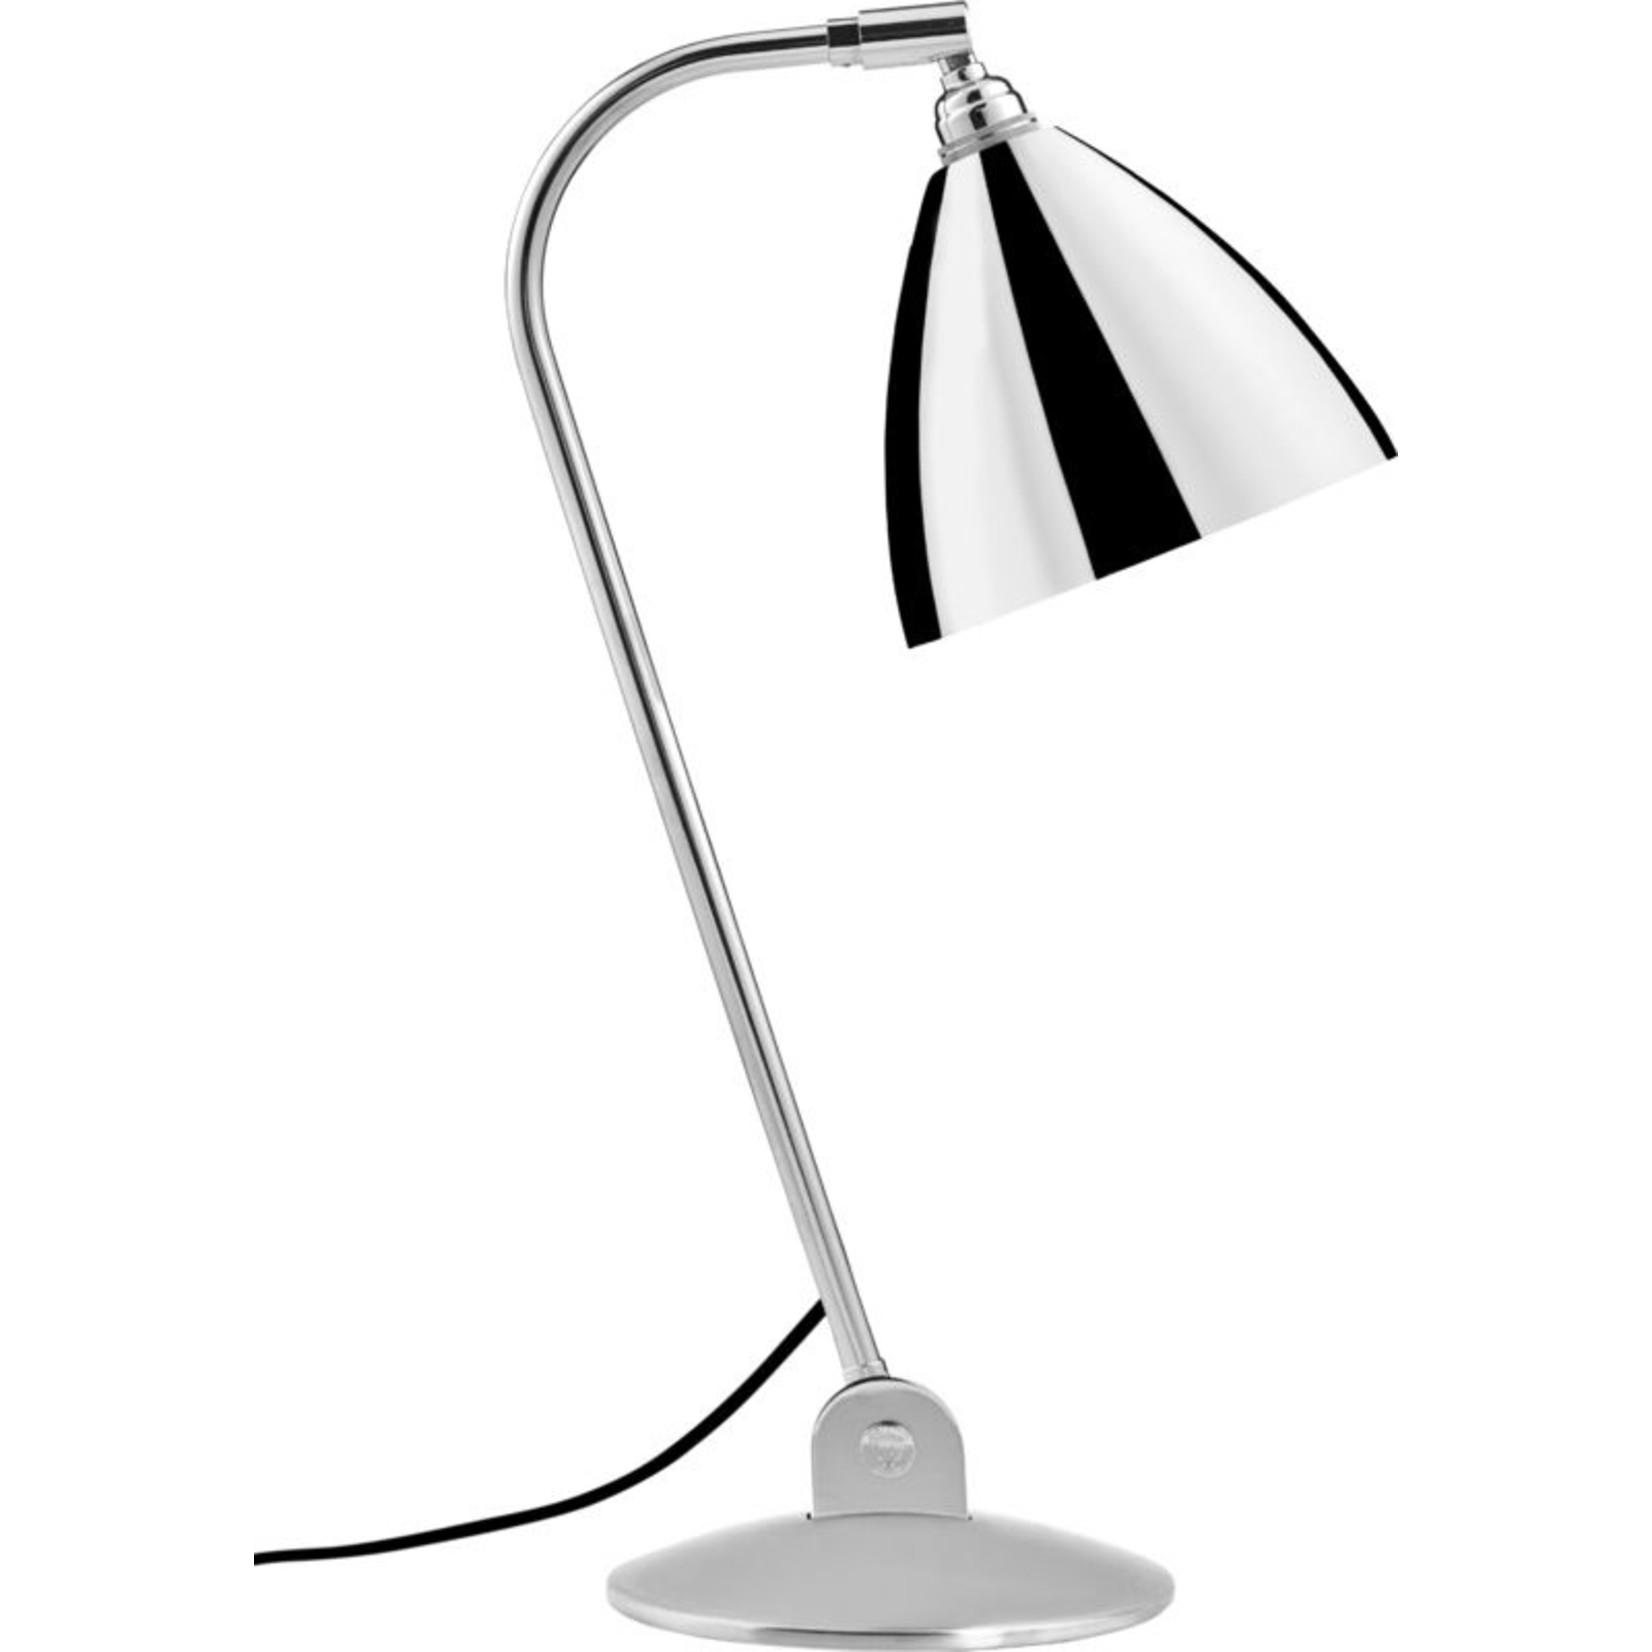 Gubi Lampe de table BL2 - Ø16 | Base chromée et abat-jour chromé